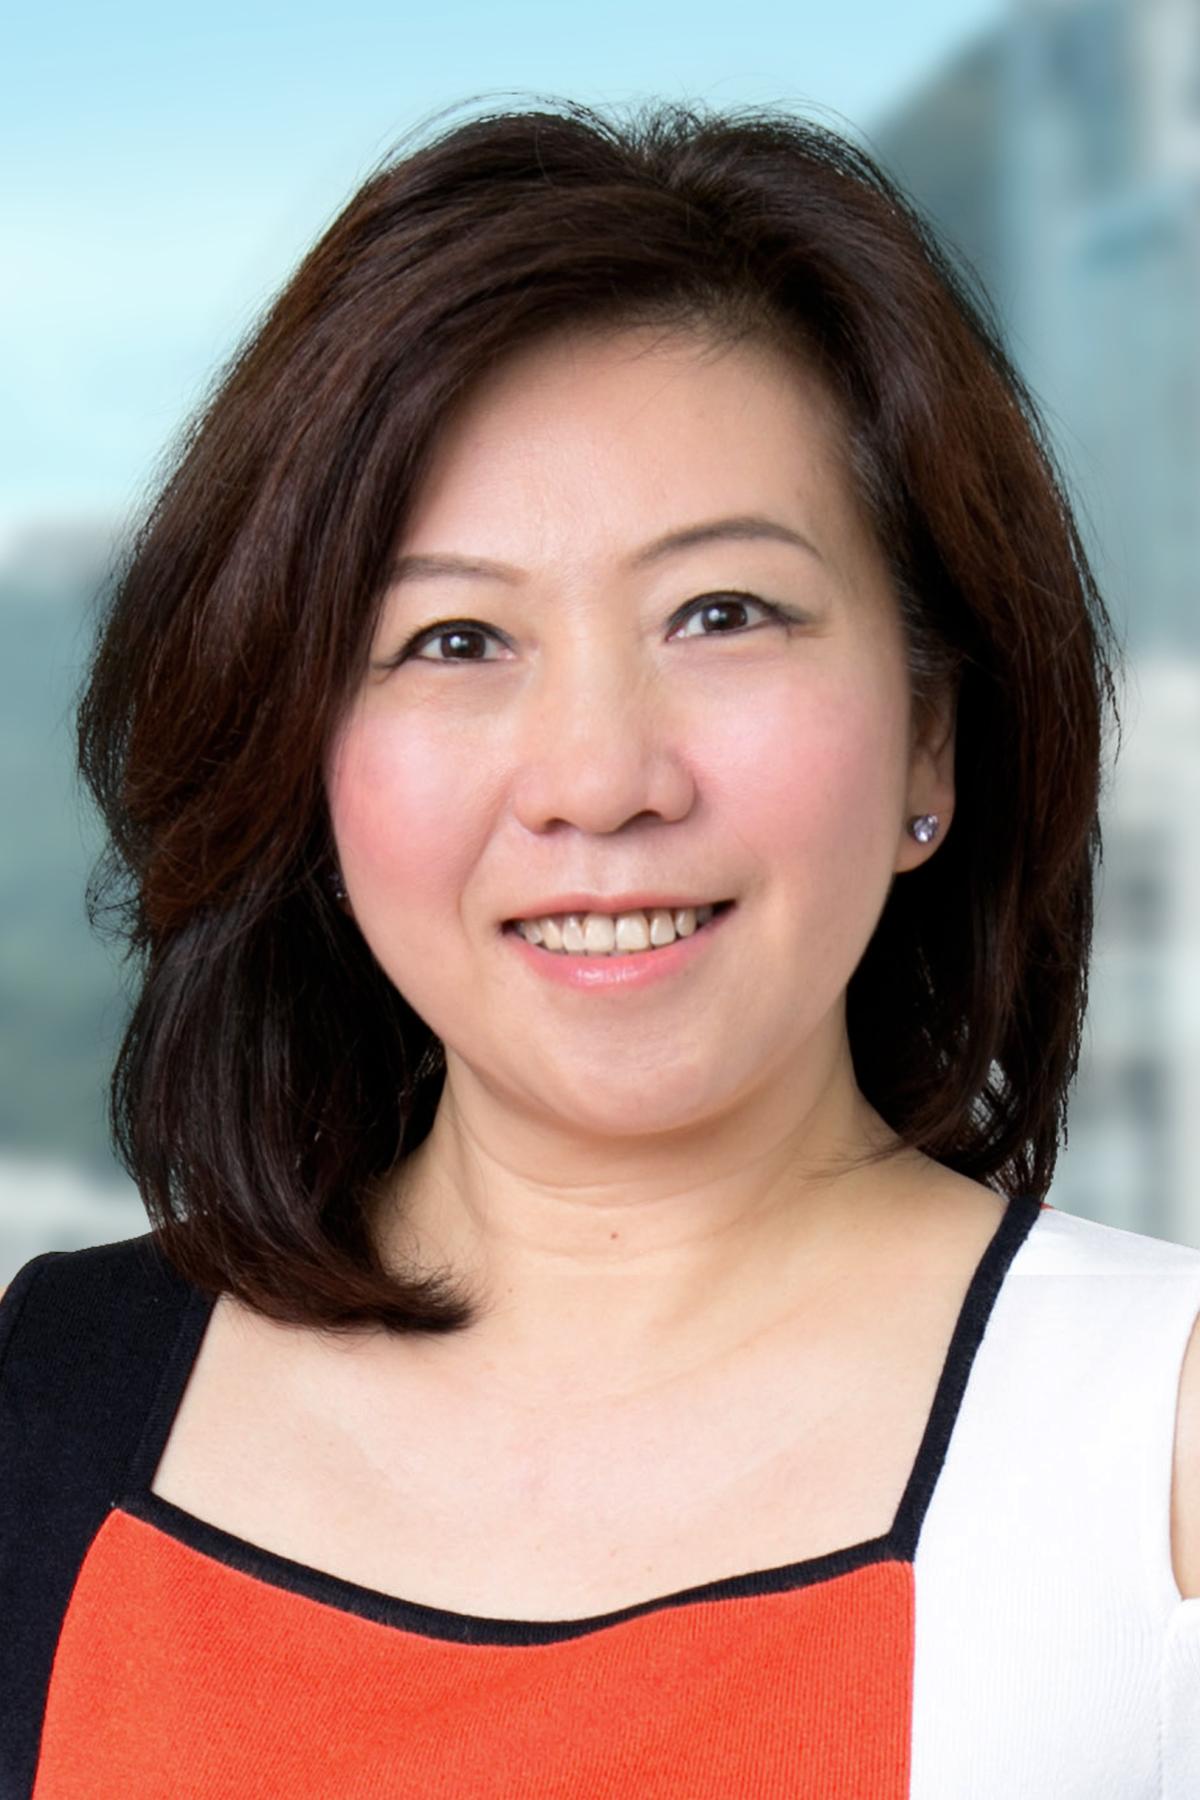 Eva Fung